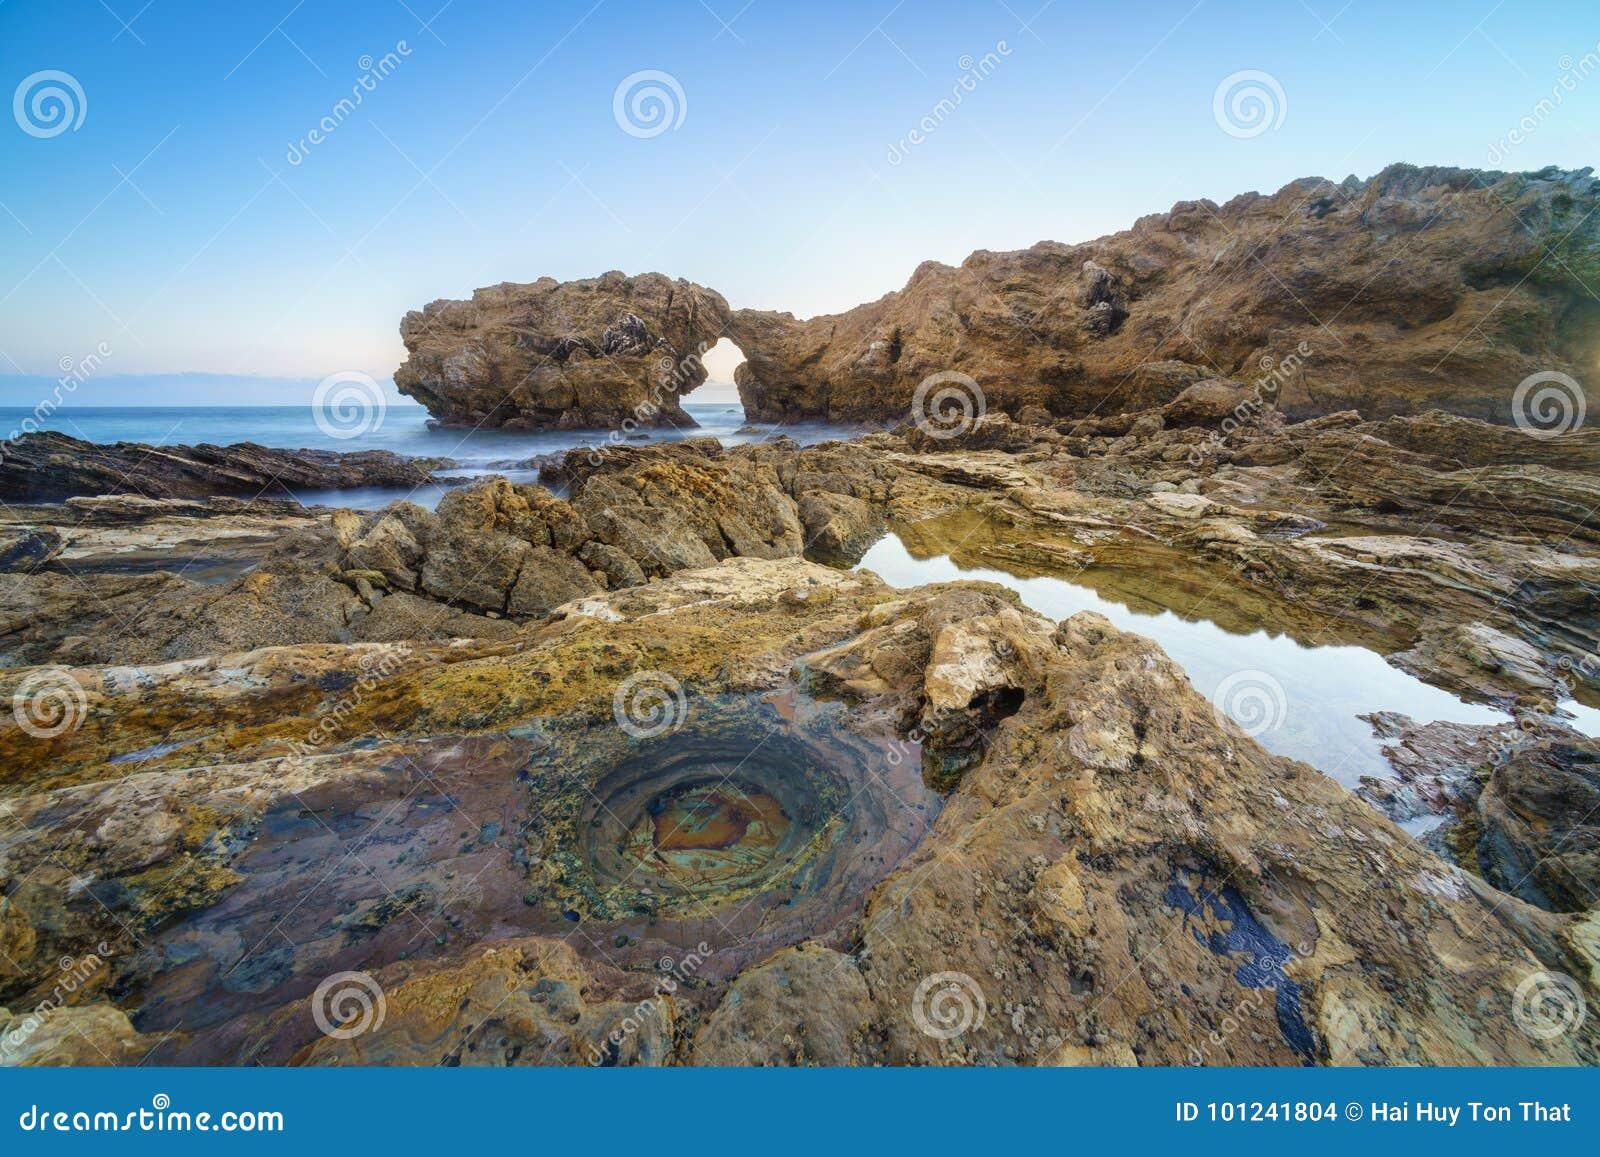 Corona Del Mar Jump Rock, California